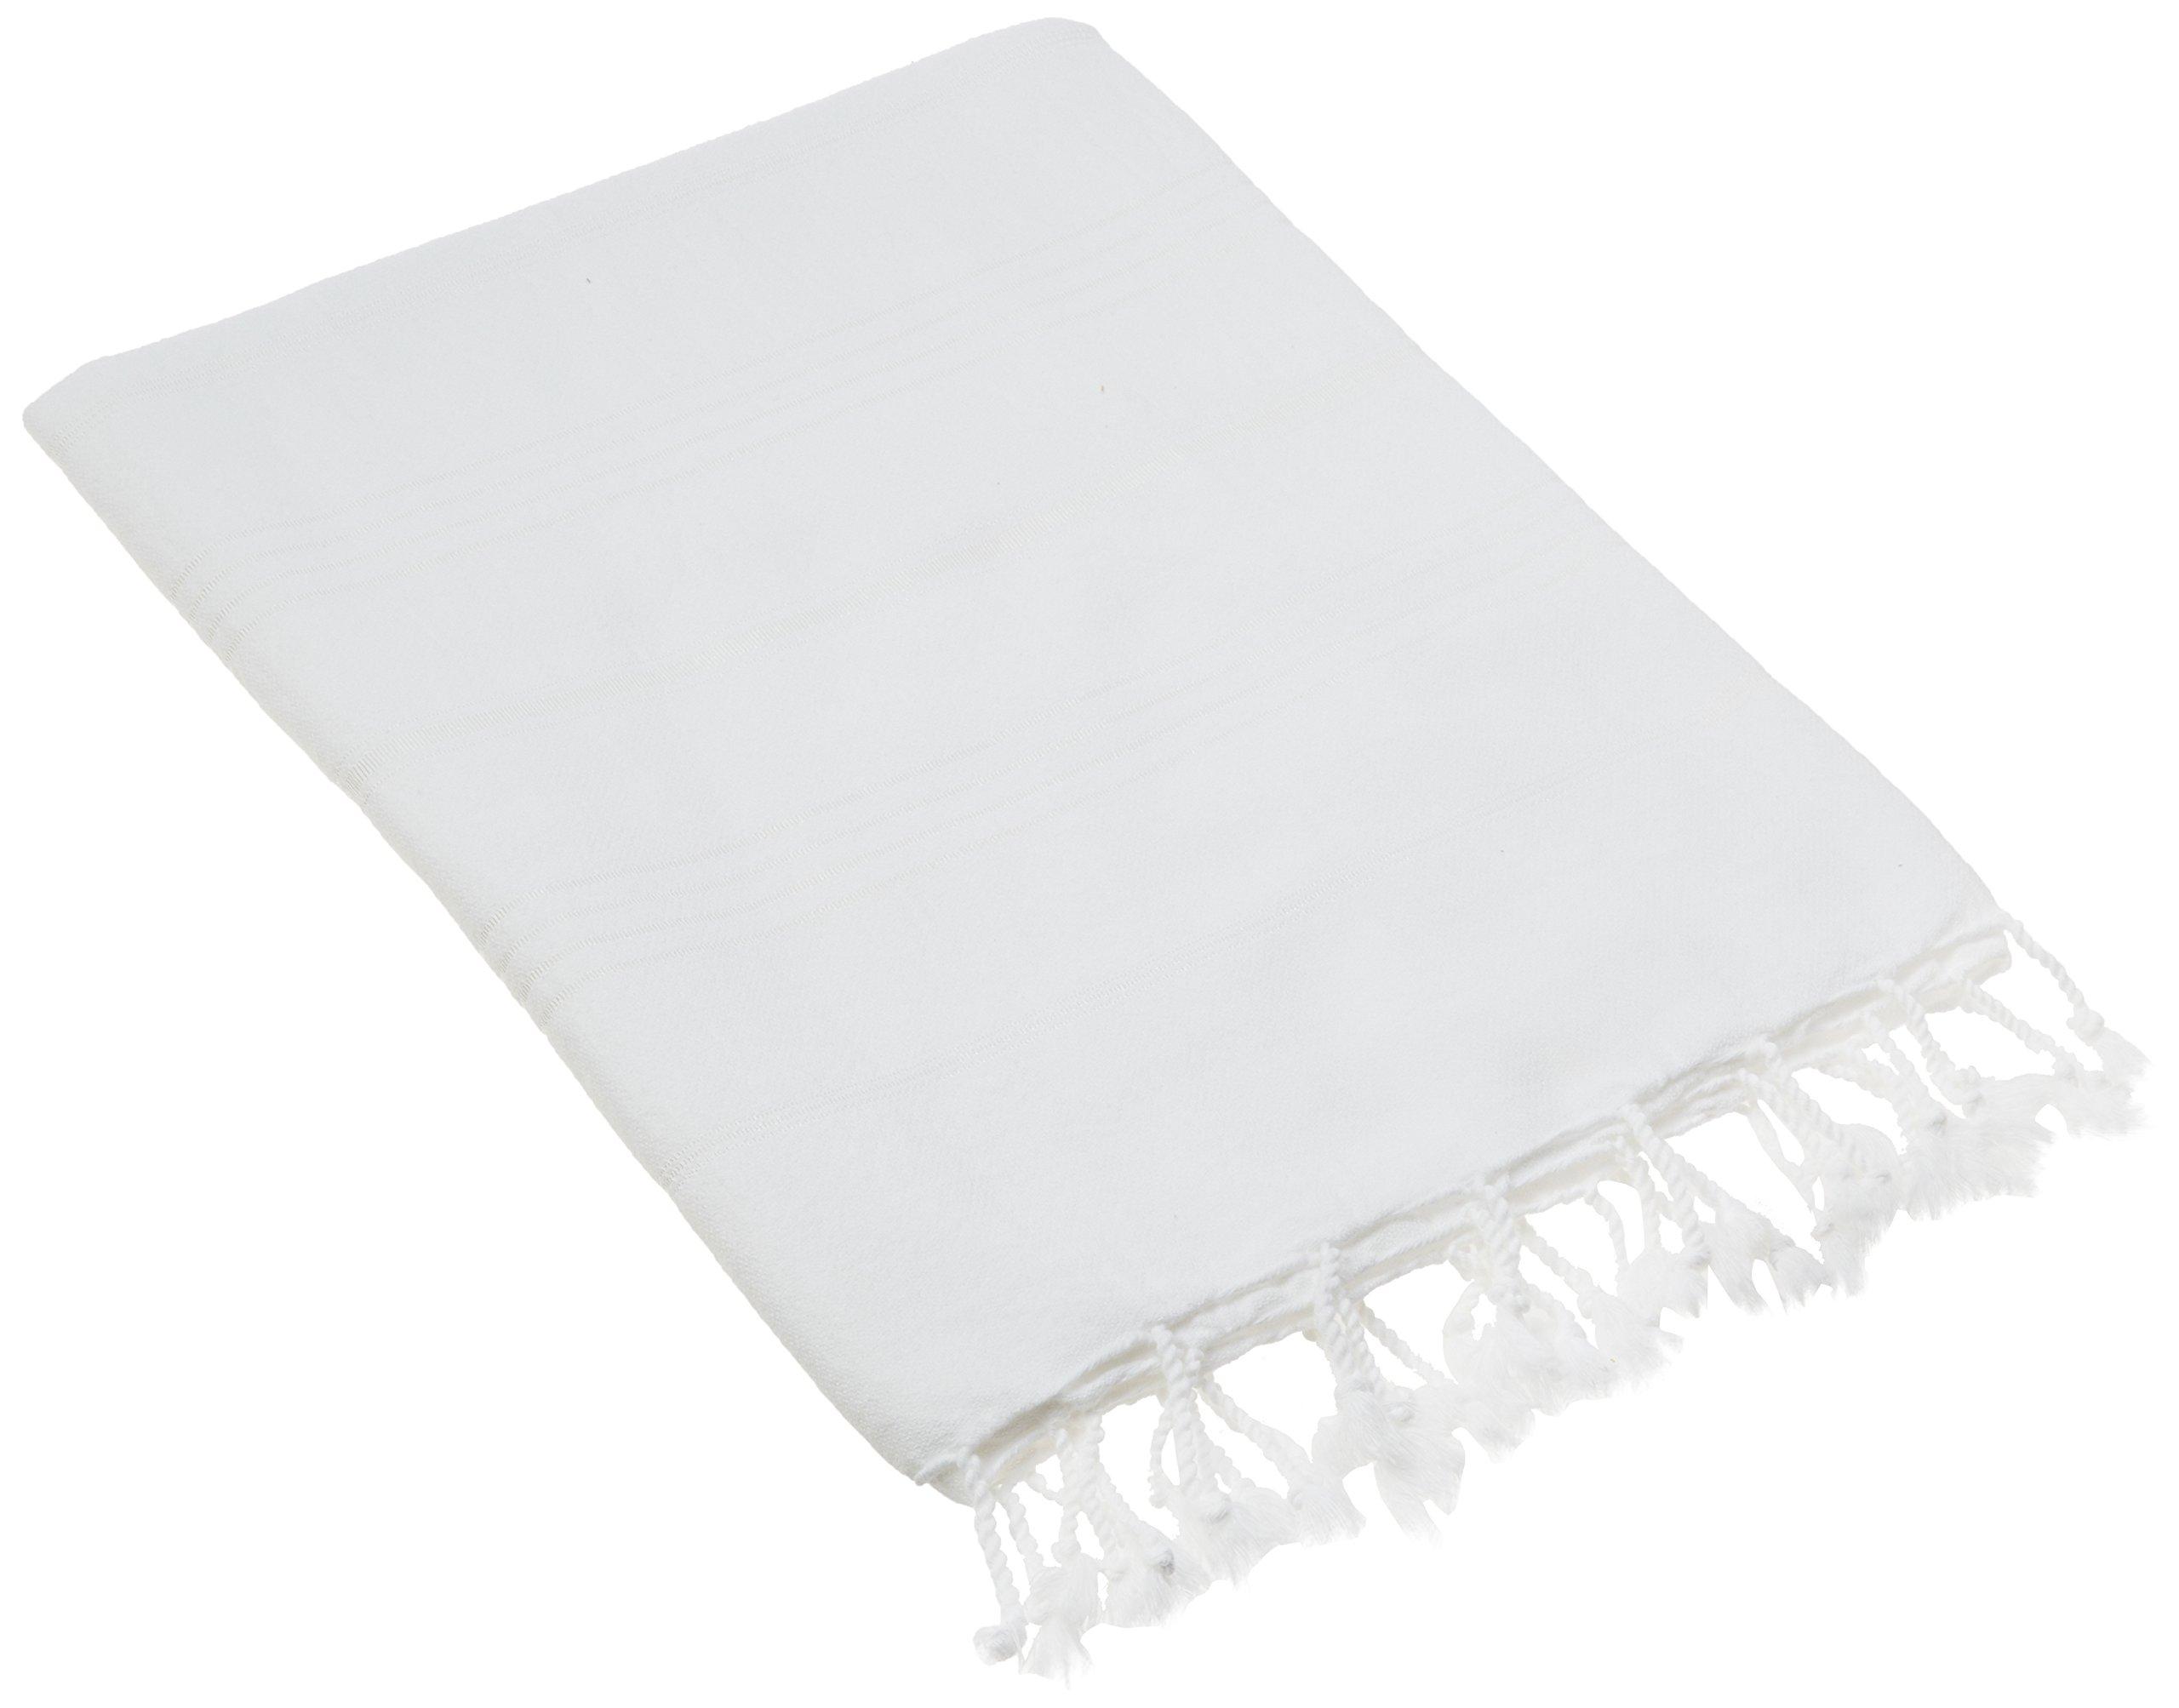 Cacala Toallas de baño Turco de Serie, algodón, Blanco, 95 x 175 x